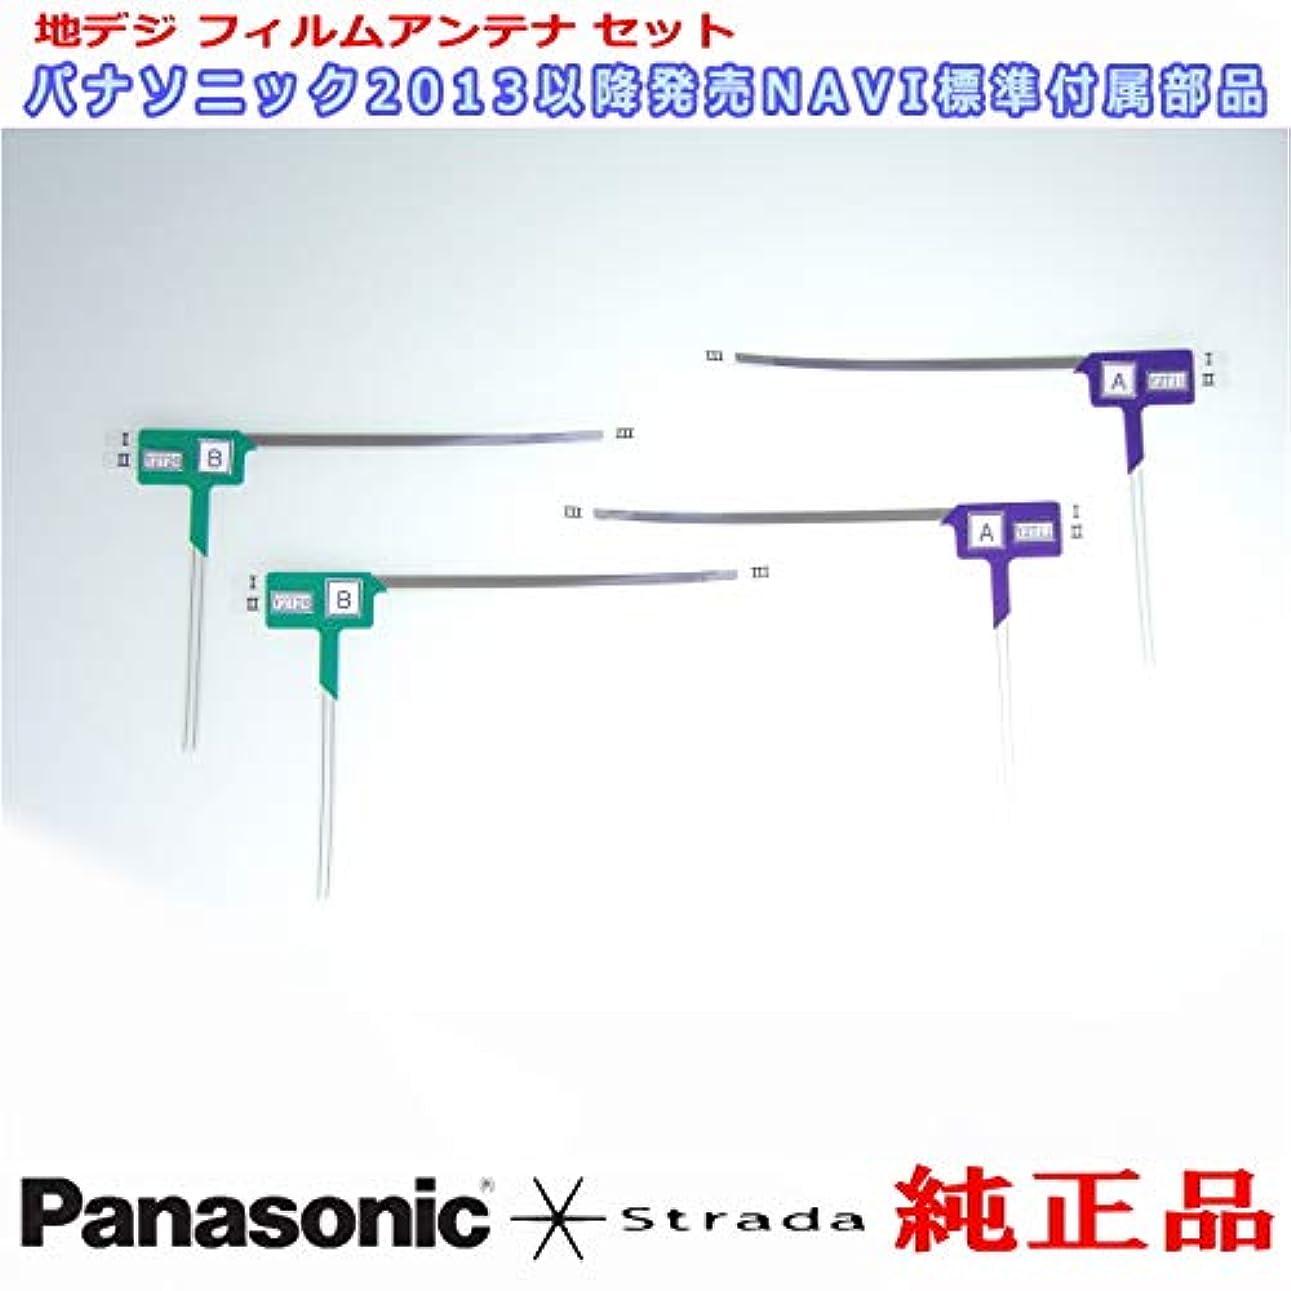 ソーセージ言い換えるとジャンク地デジアンテナ Panasonic Strada CN-F1DVD 安心の 純正品 地デジ フィルム アンテナ & 3M 超強力 両面テープ Set (PD32T